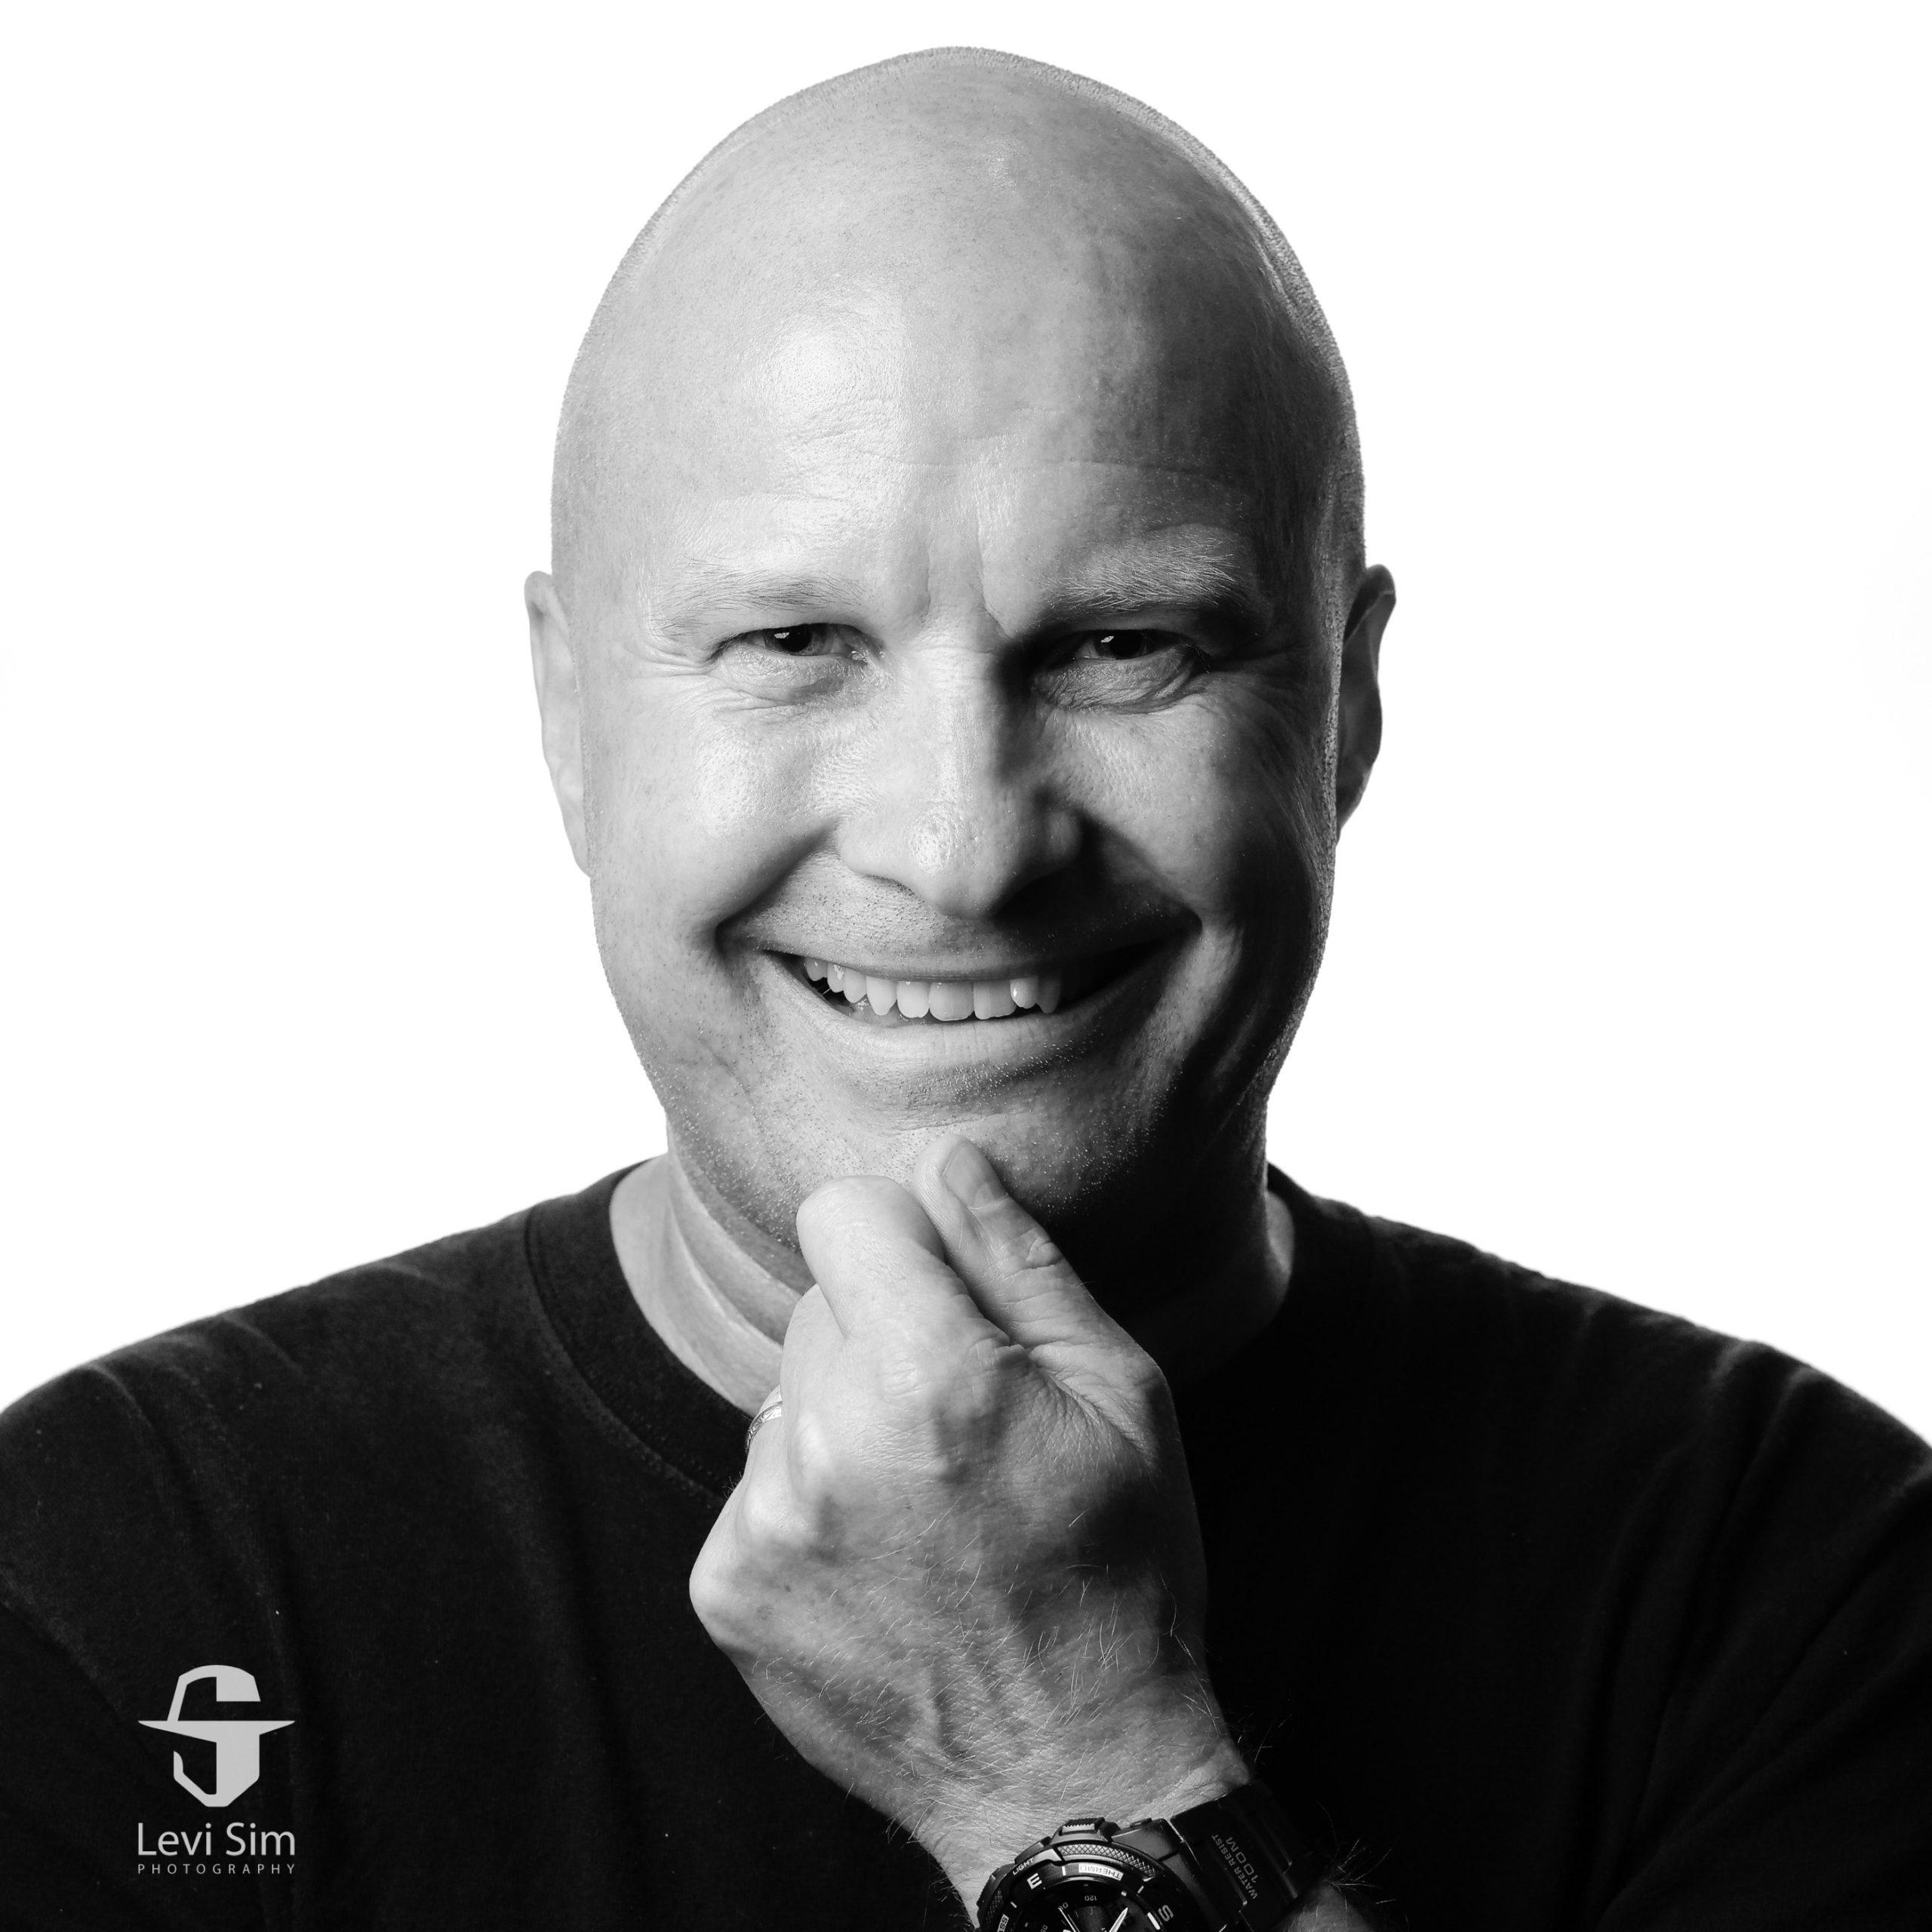 Levi Sim Steve Jobs Portrait Project Out Of Chicago 2017-53